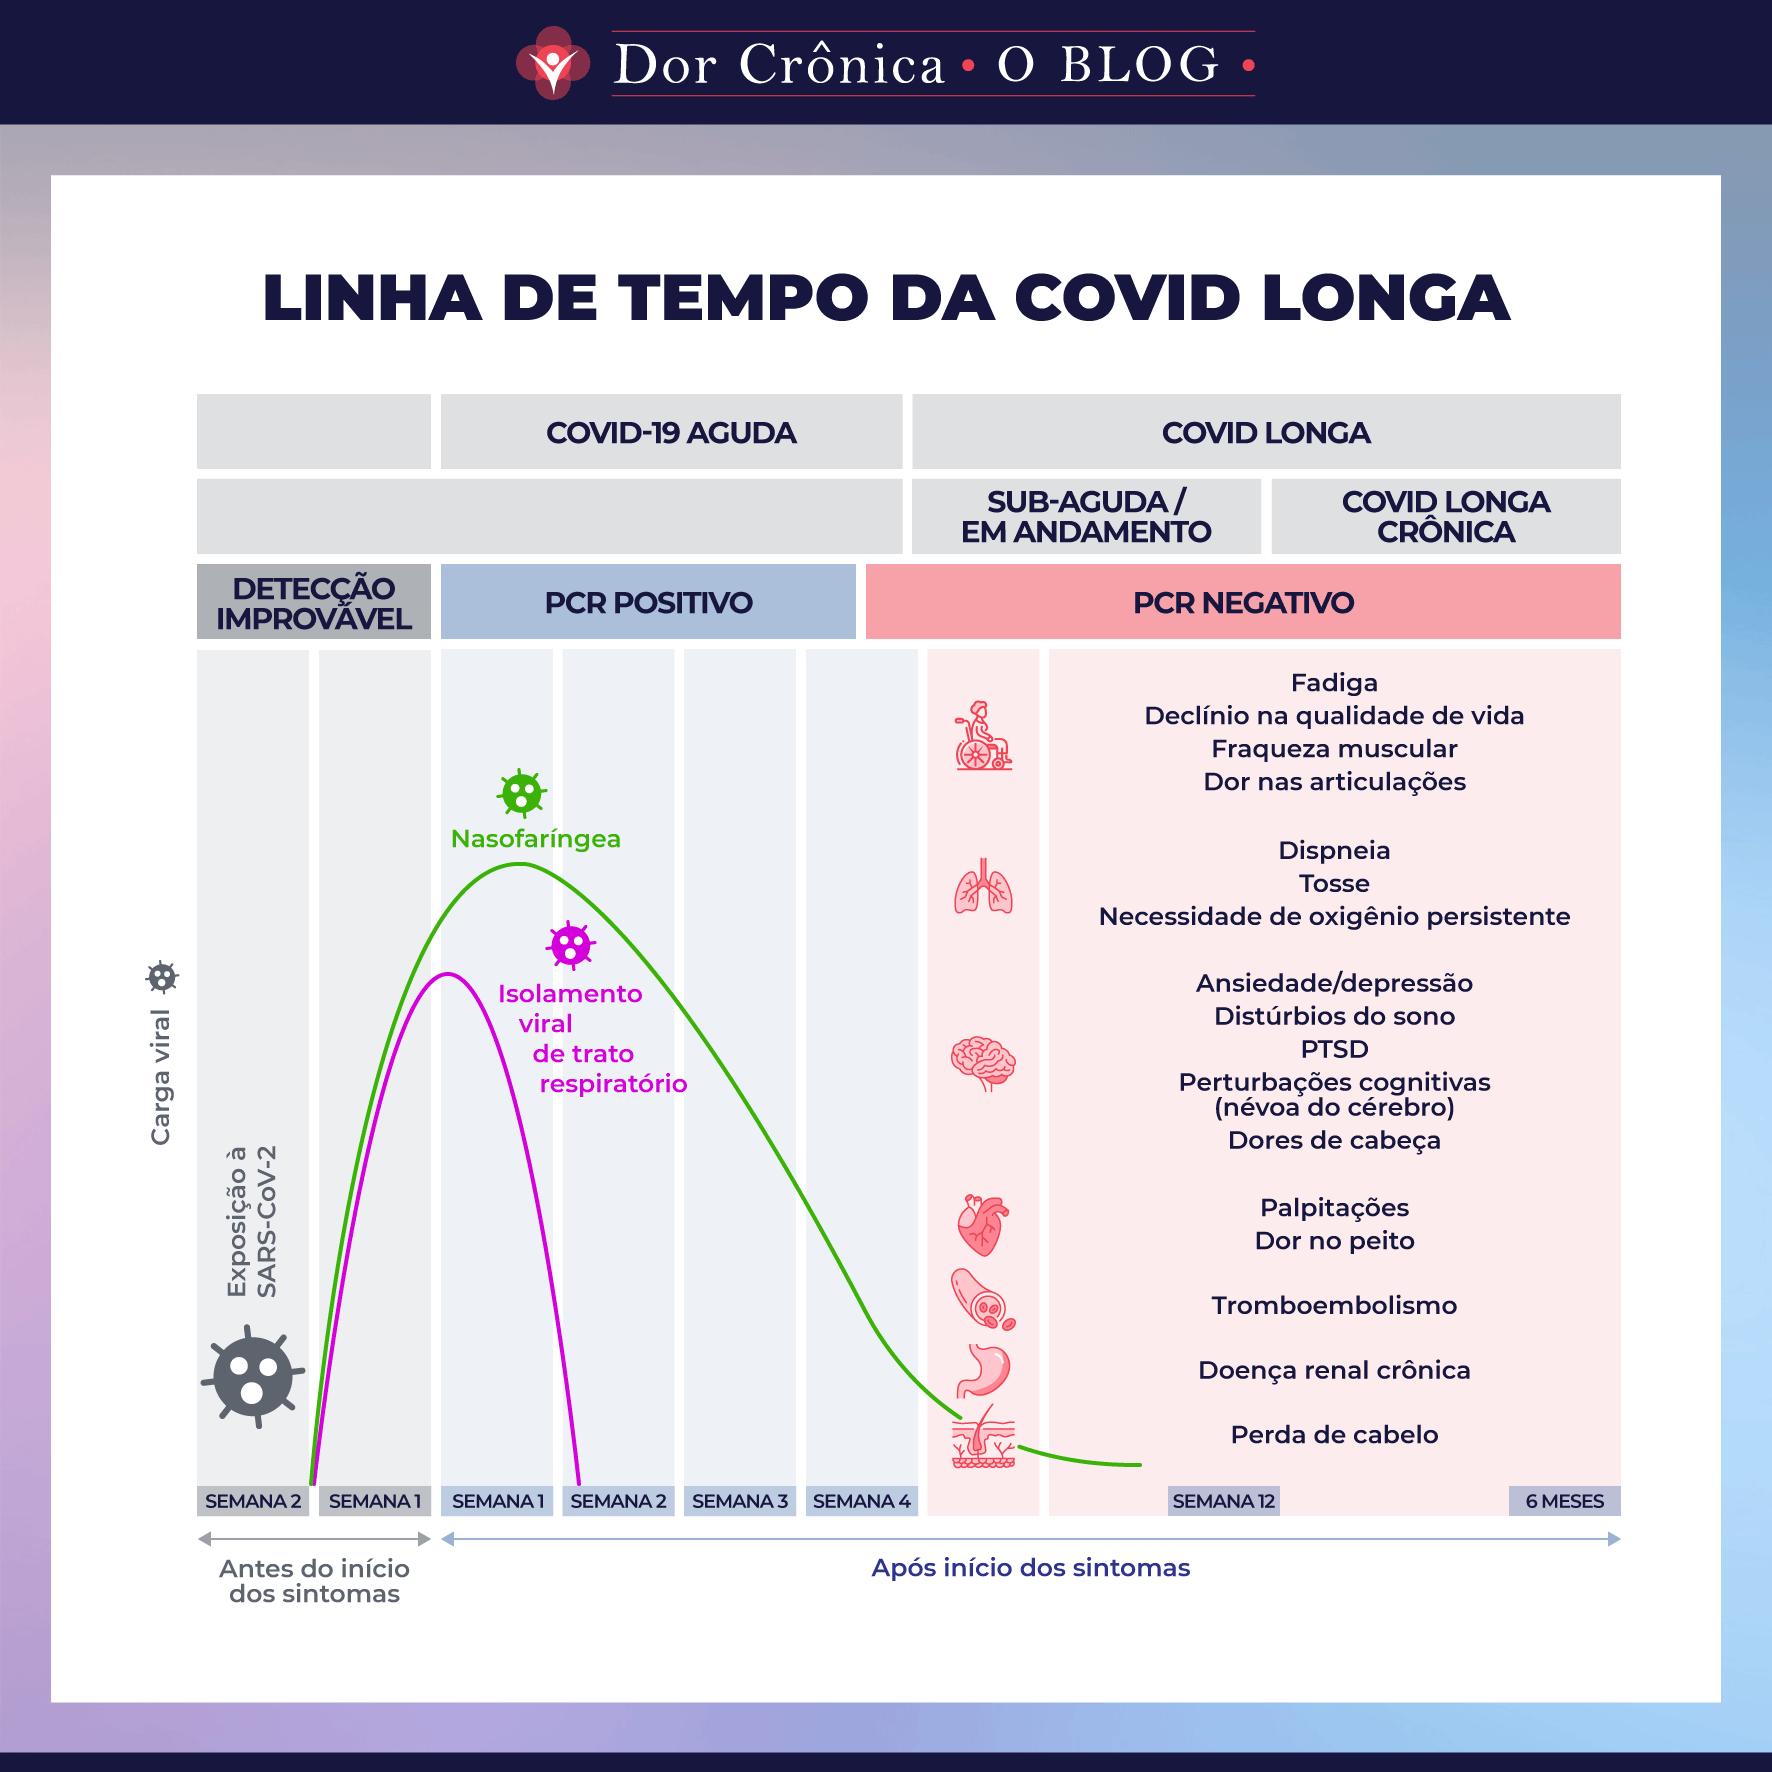 Linha de Tempo da Covid Longa